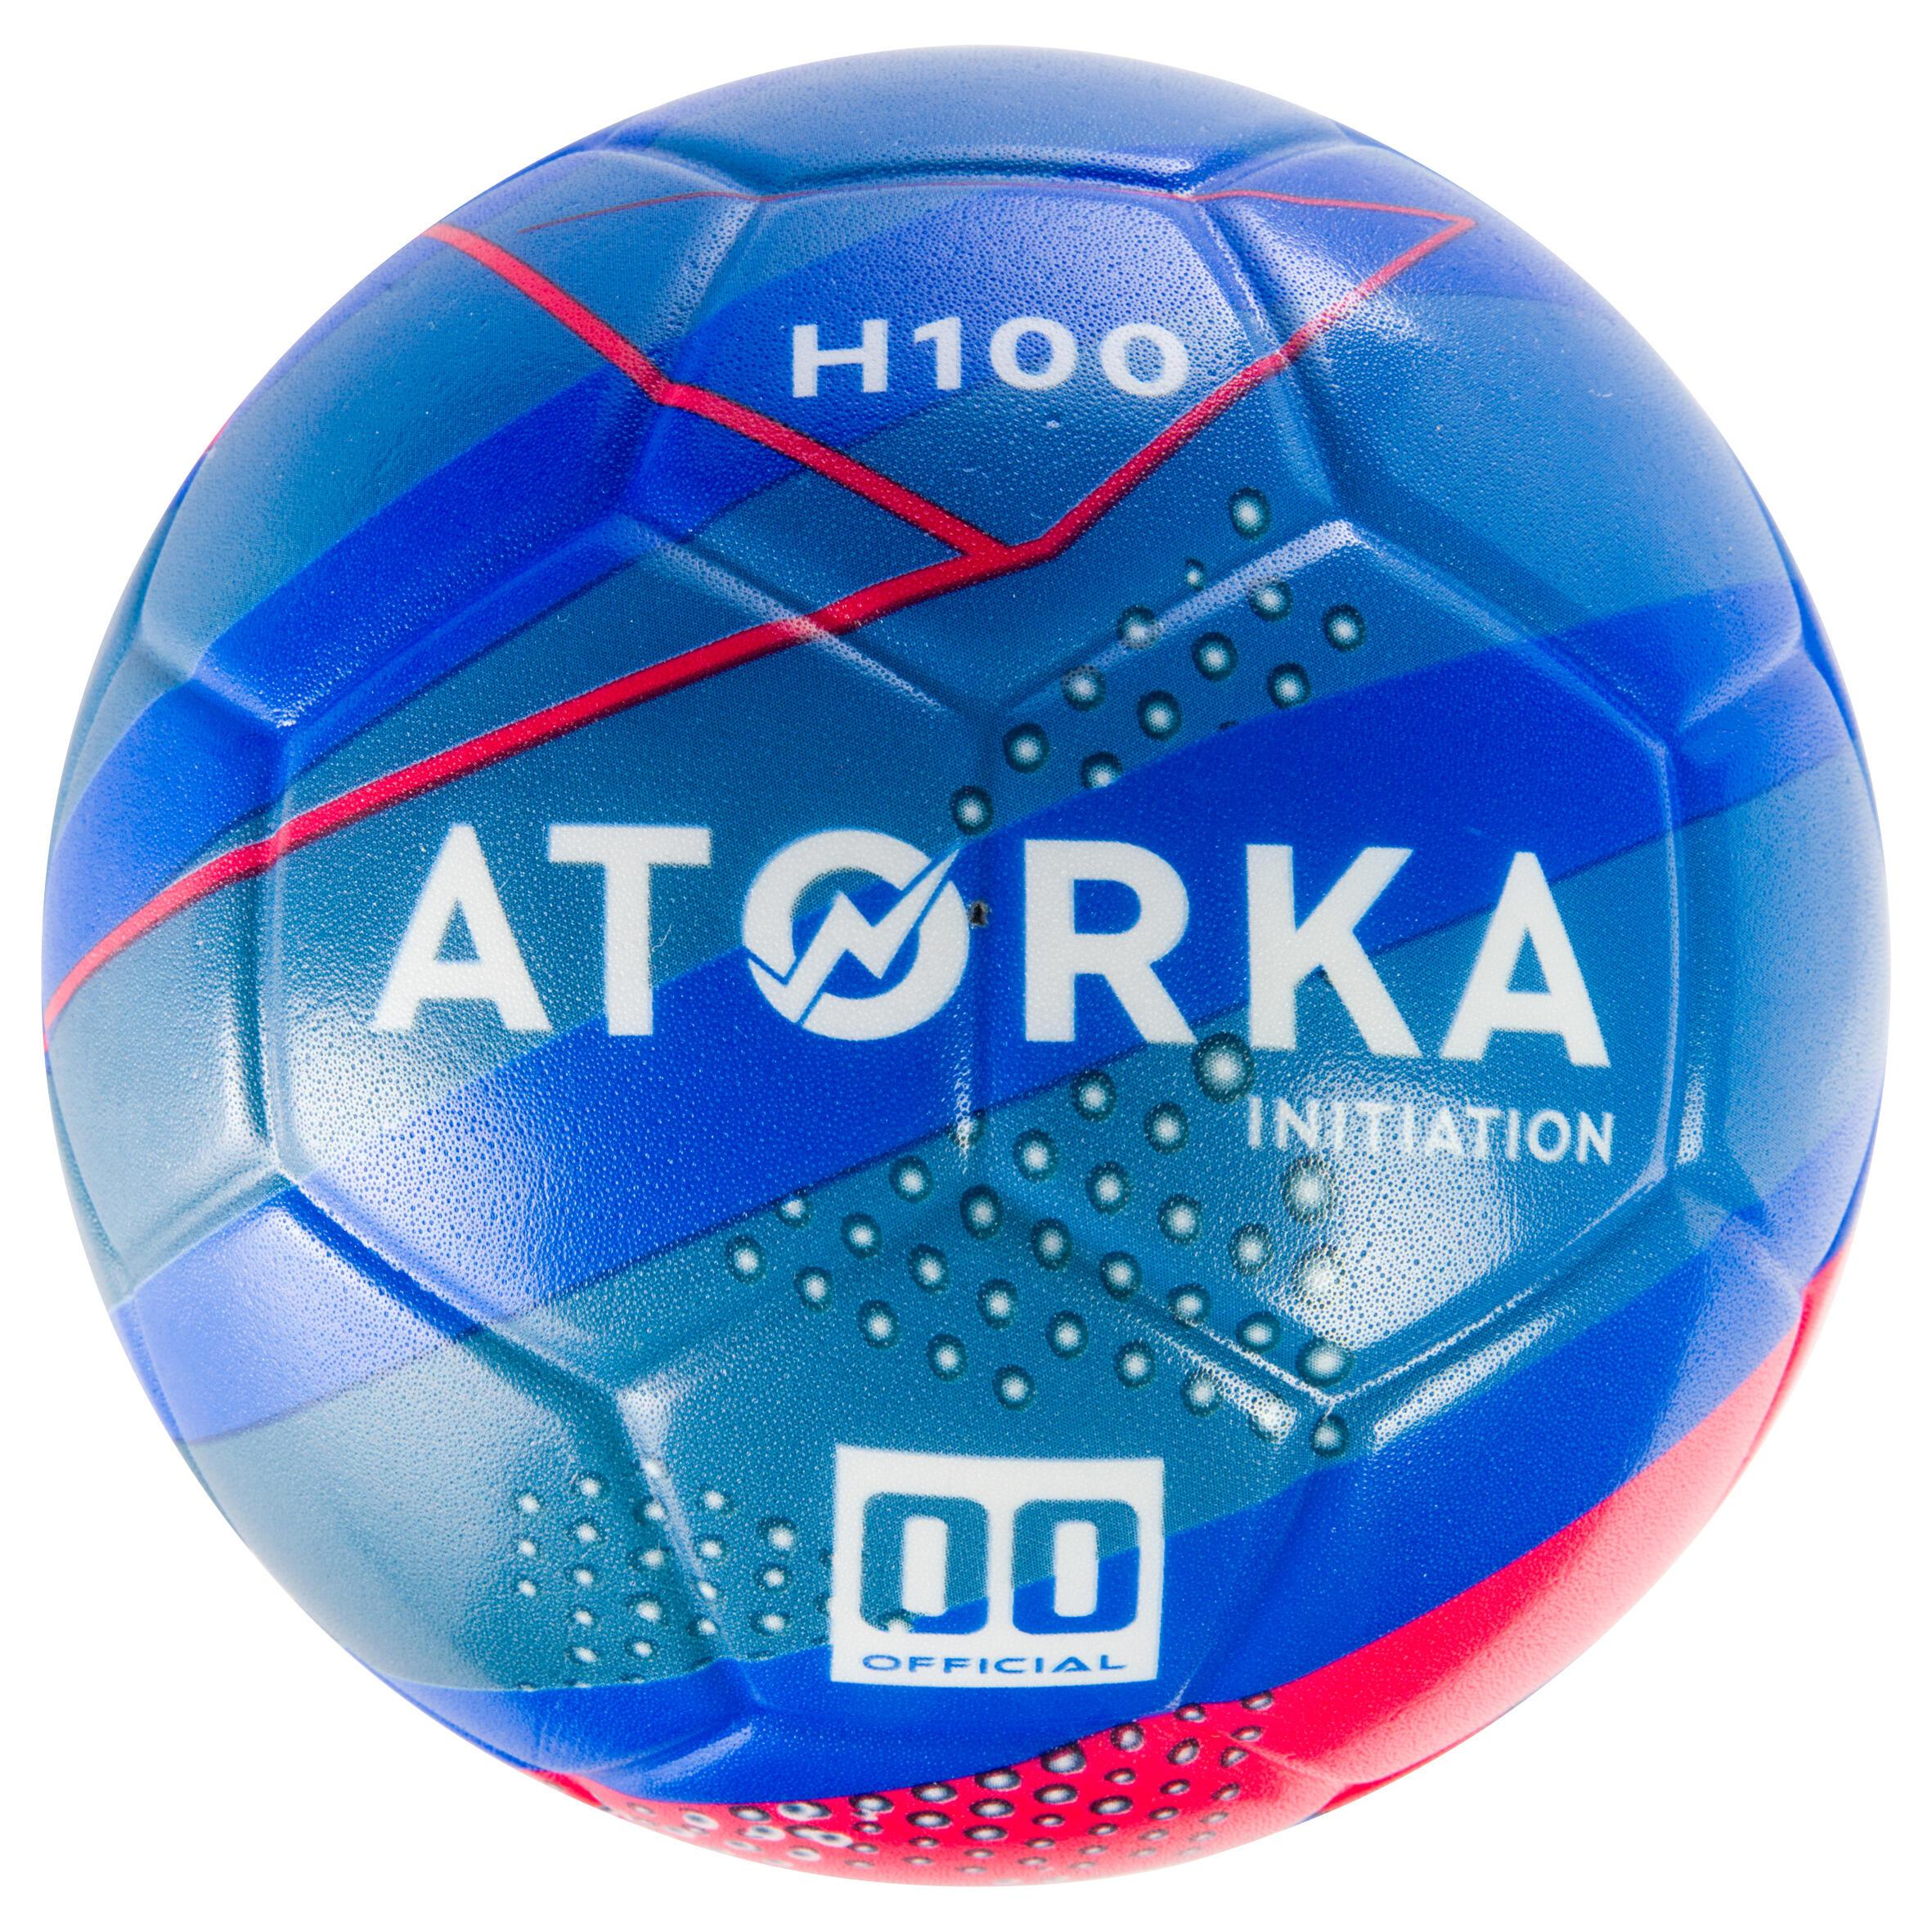 Atorka Handbal Foam H100 maat 00 blauw/geel